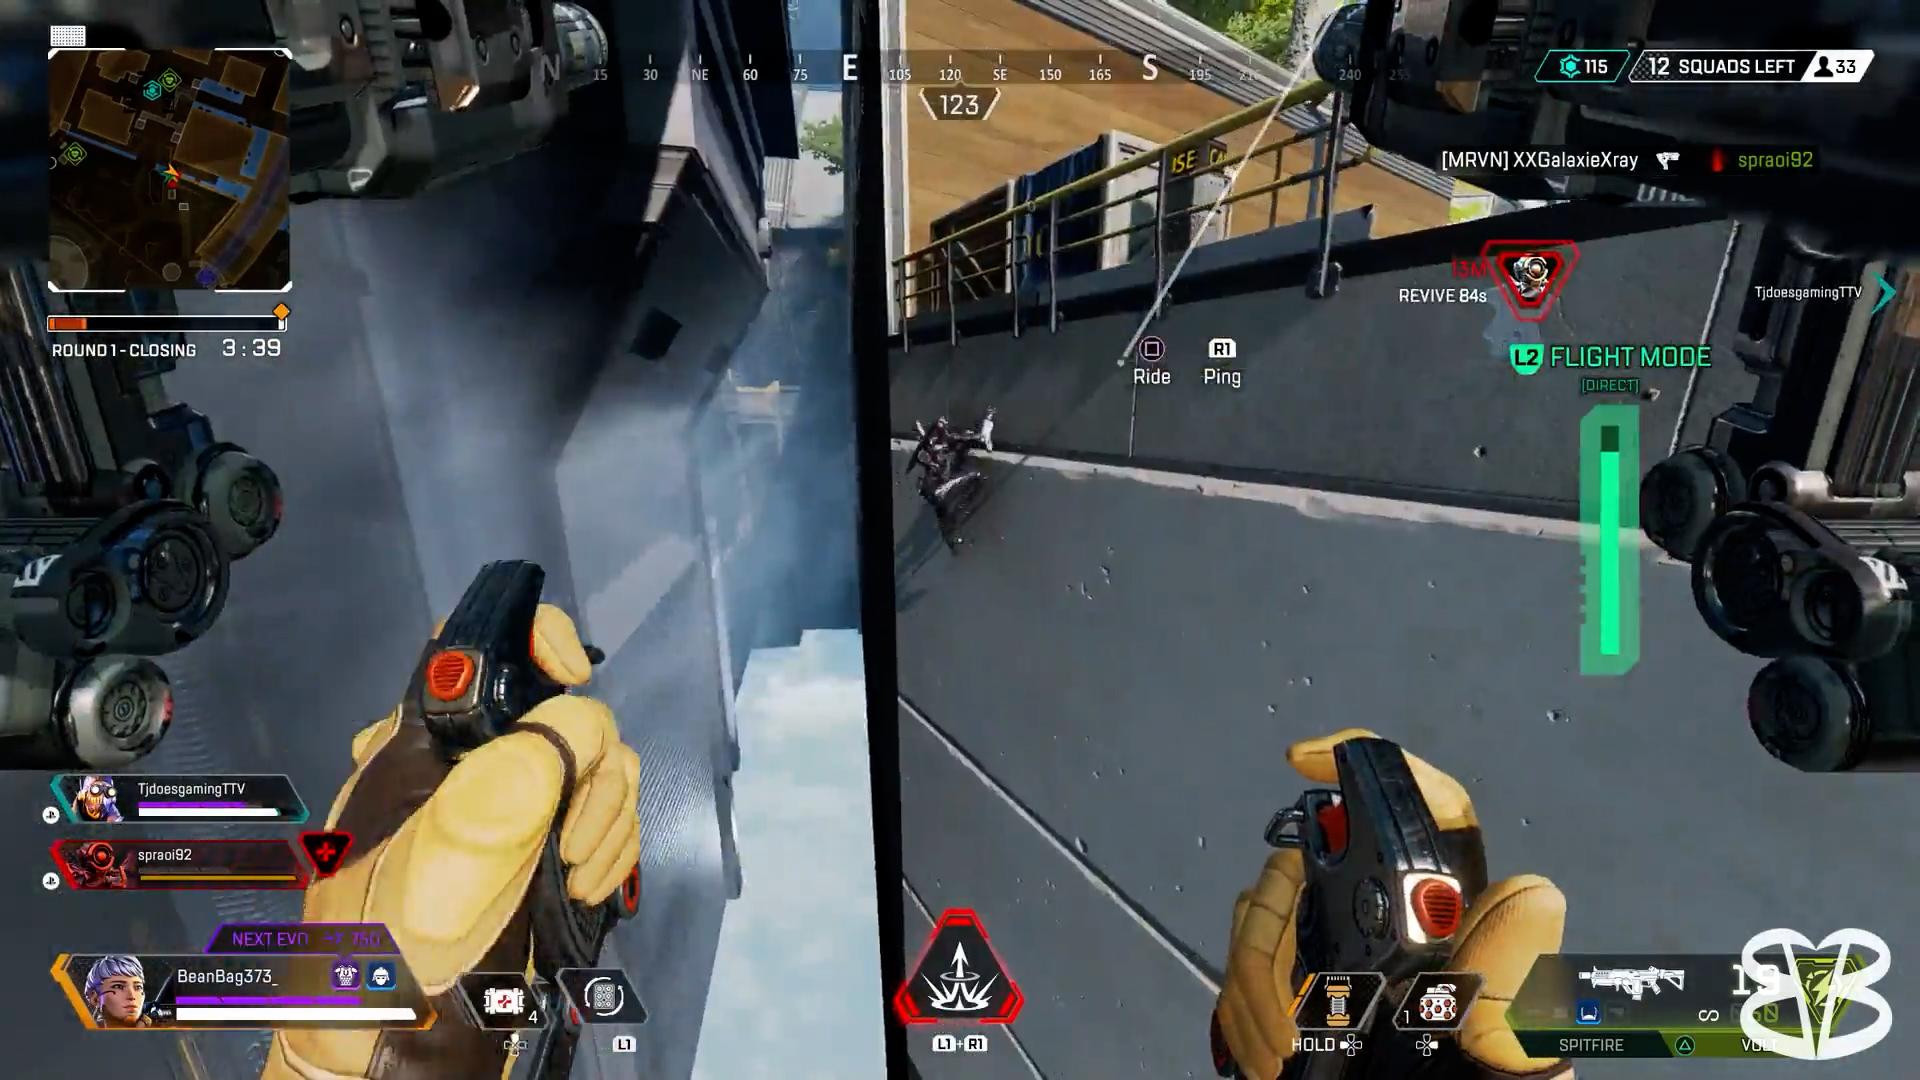 【APEX】ジップラインを使う敵を全員落とすヴァルキリーが楽しそうwww